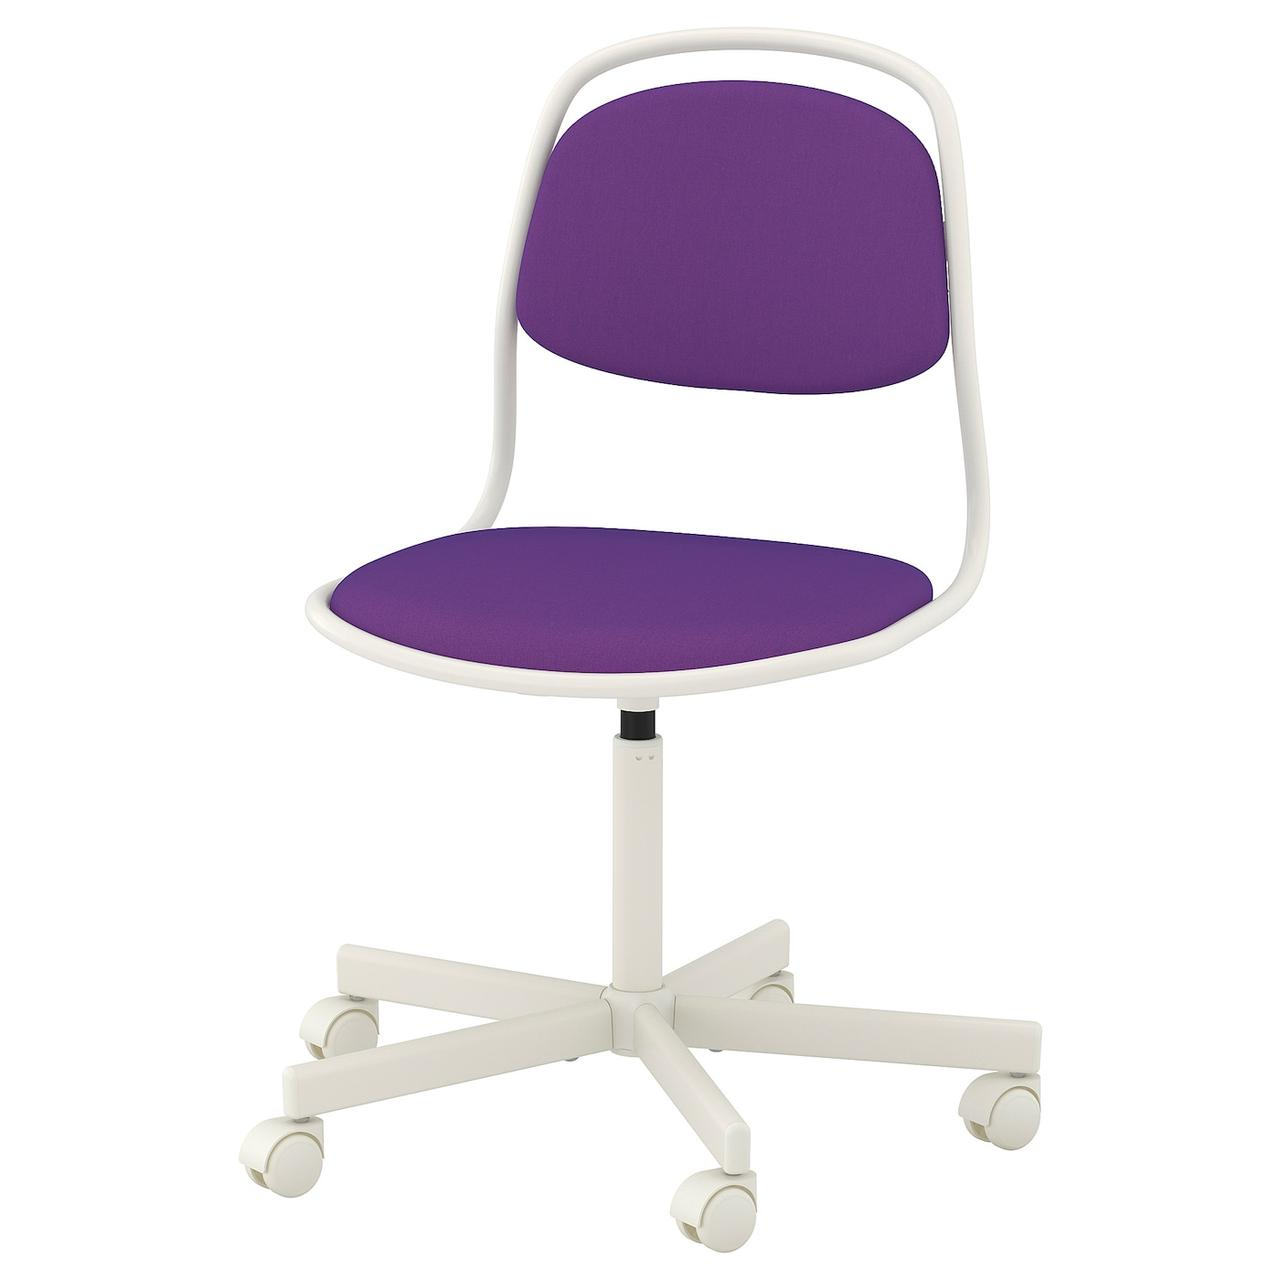 Кресло компьютерное IKEA ÖRFJÄLL Vissle фиолетовое белое 693.030.66